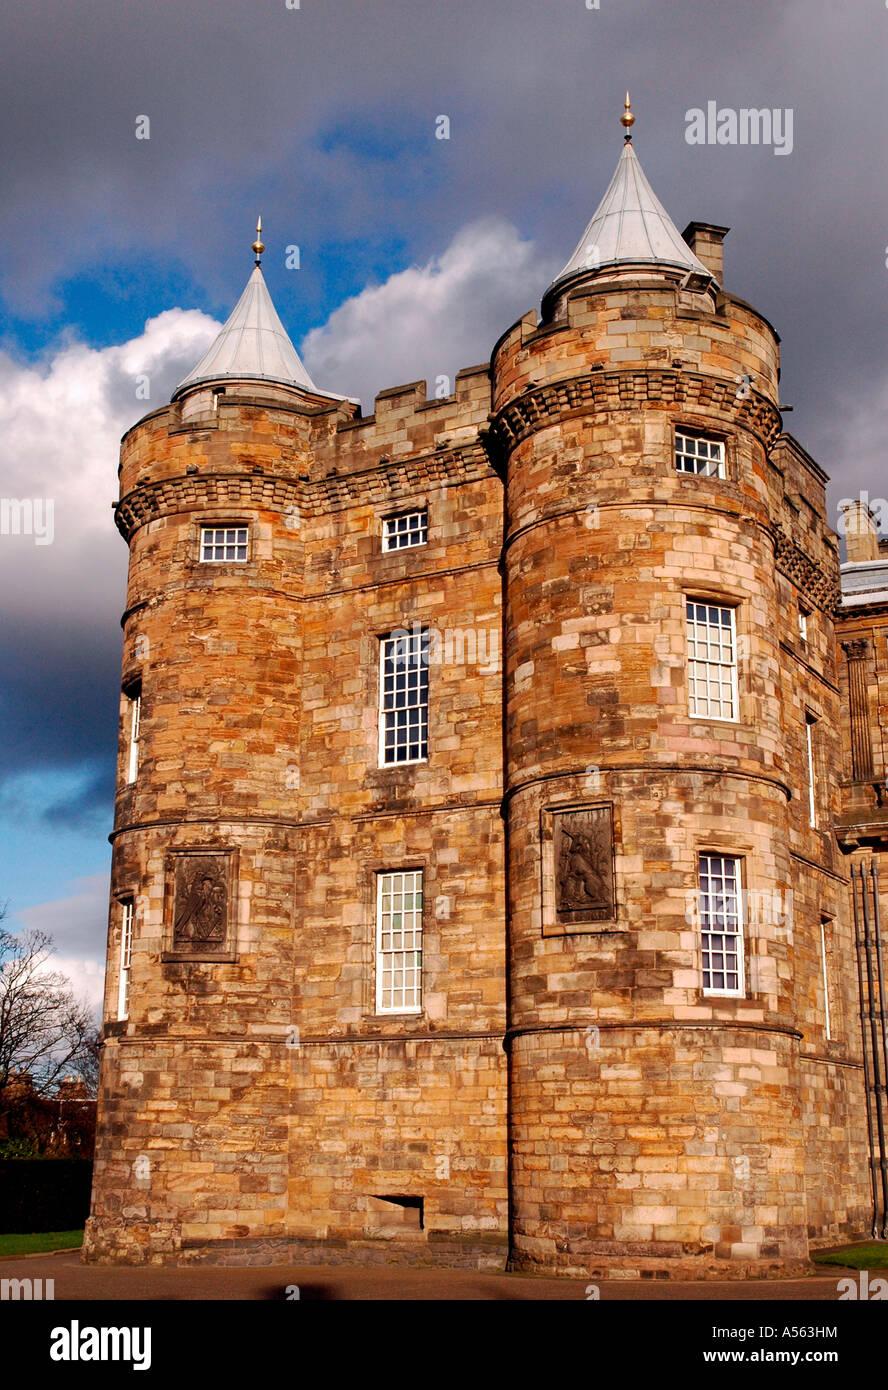 North Tower,Holyrood House,Edinburgh,Scotland,UK - Stock Image